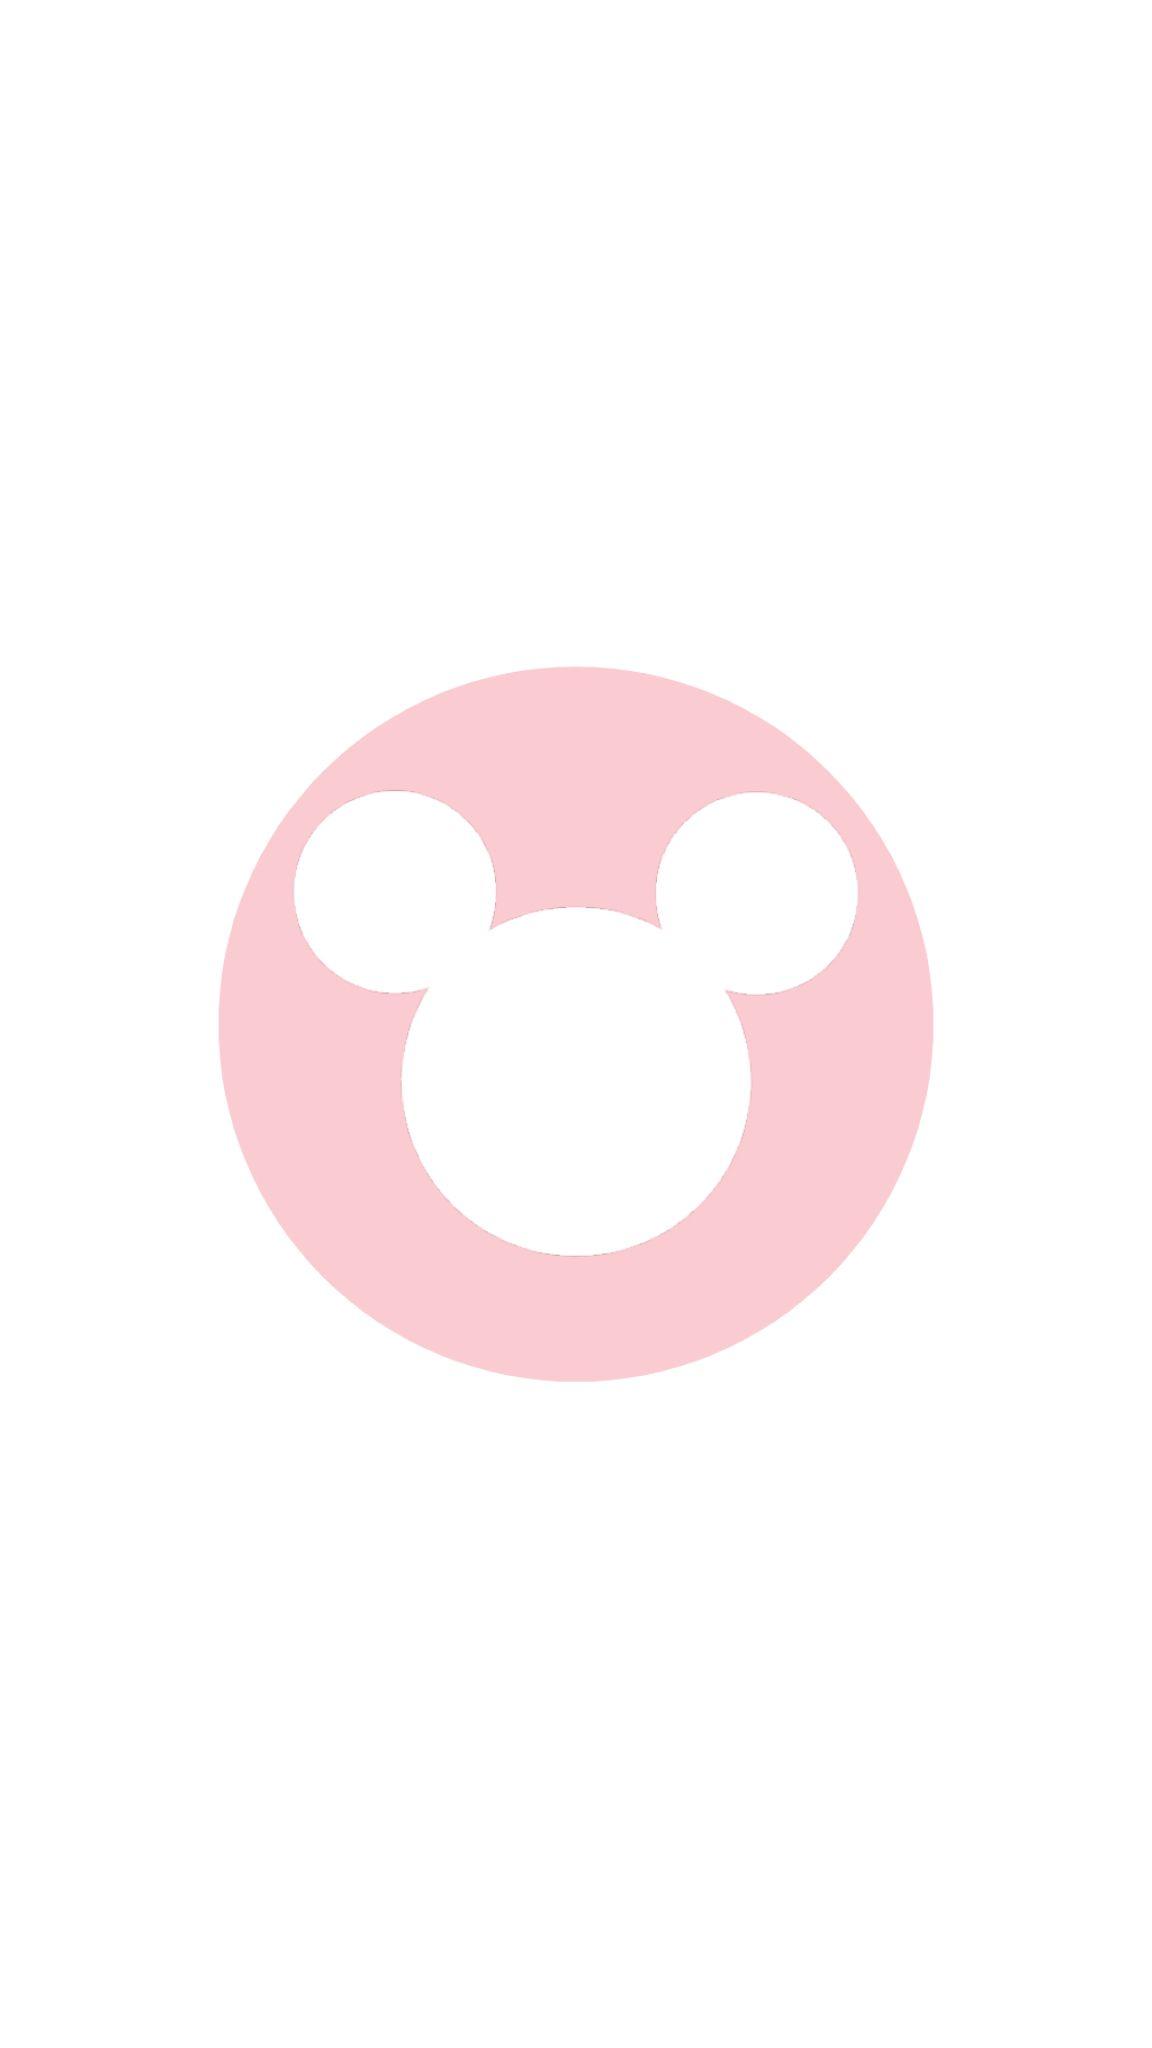 最良かつ最も包括的な Disney Logo Aesthetic Icon - ガサカトメガ